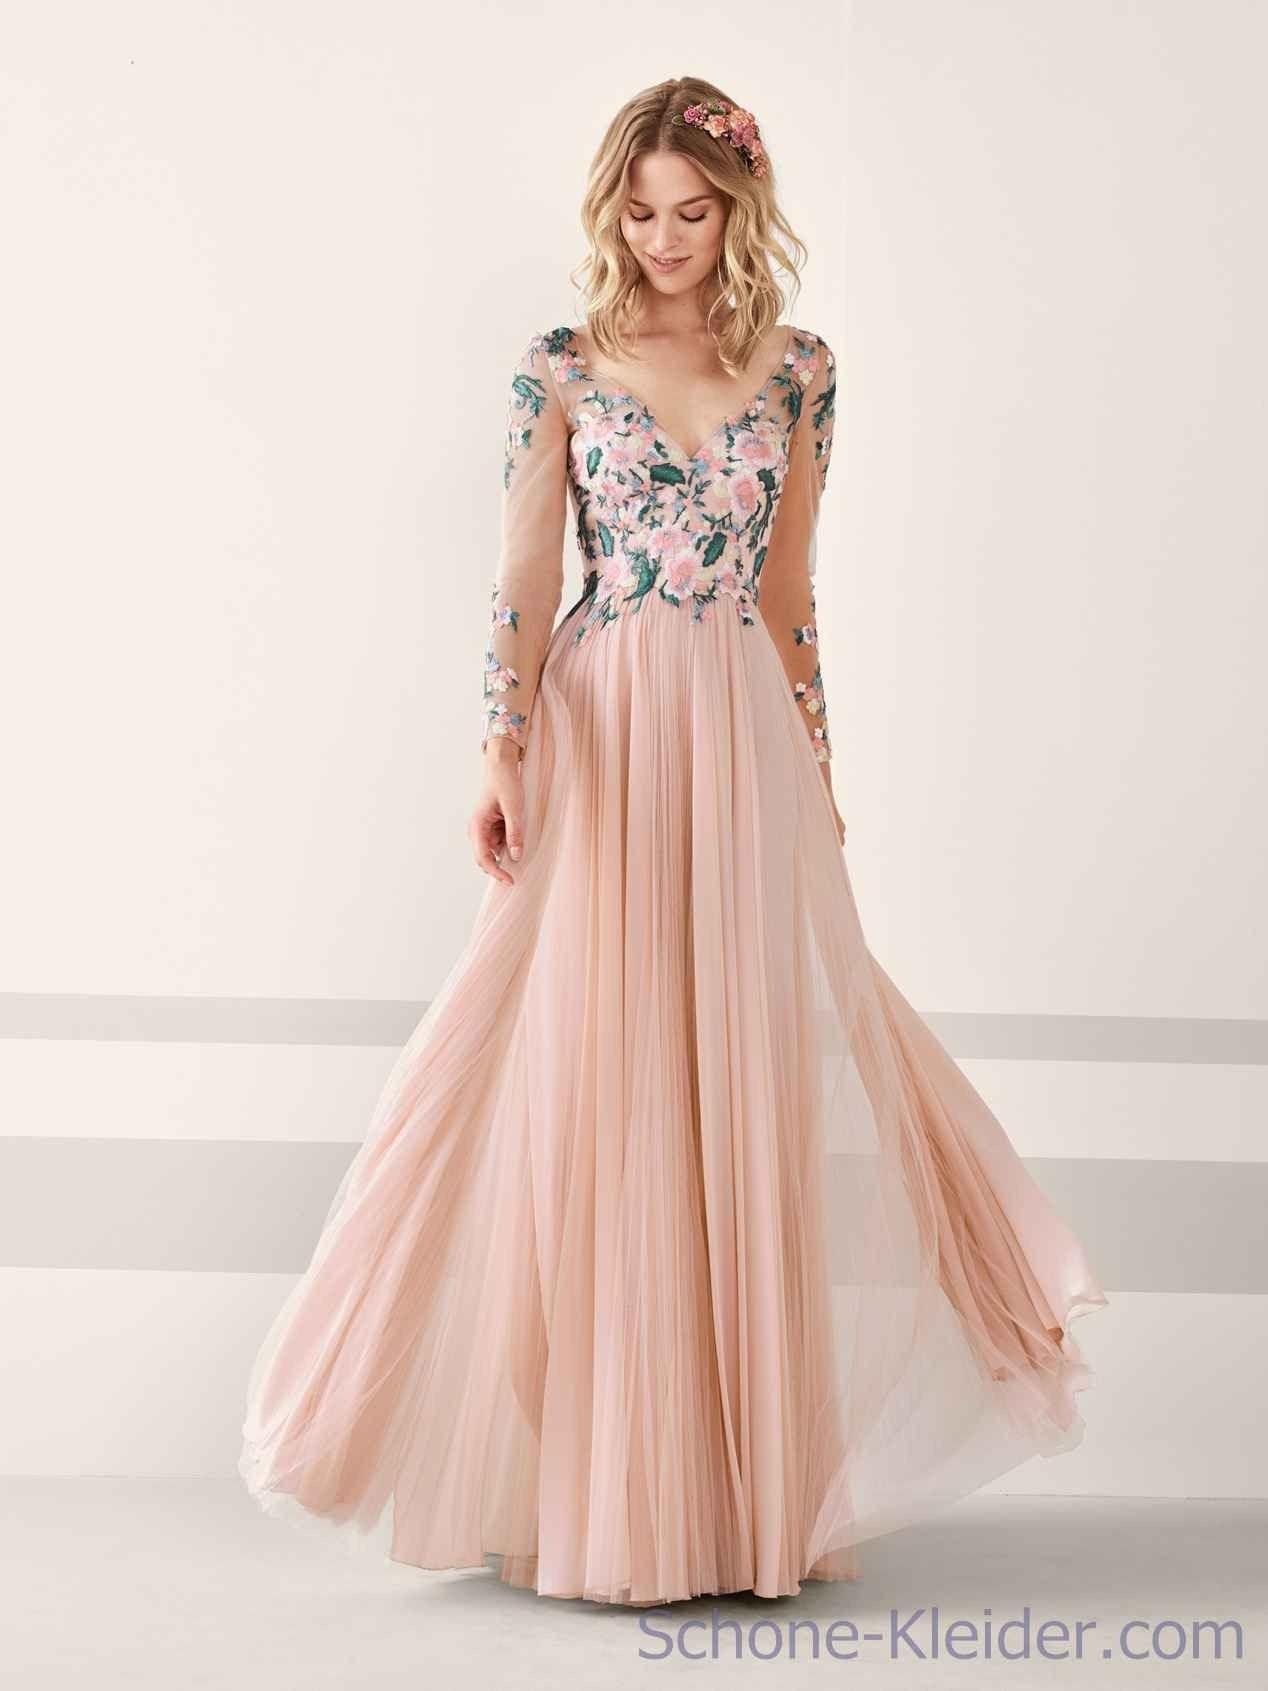 Formal Ausgezeichnet Abendkleider Bei Otto Stylish17 Elegant Abendkleider Bei Otto Boutique